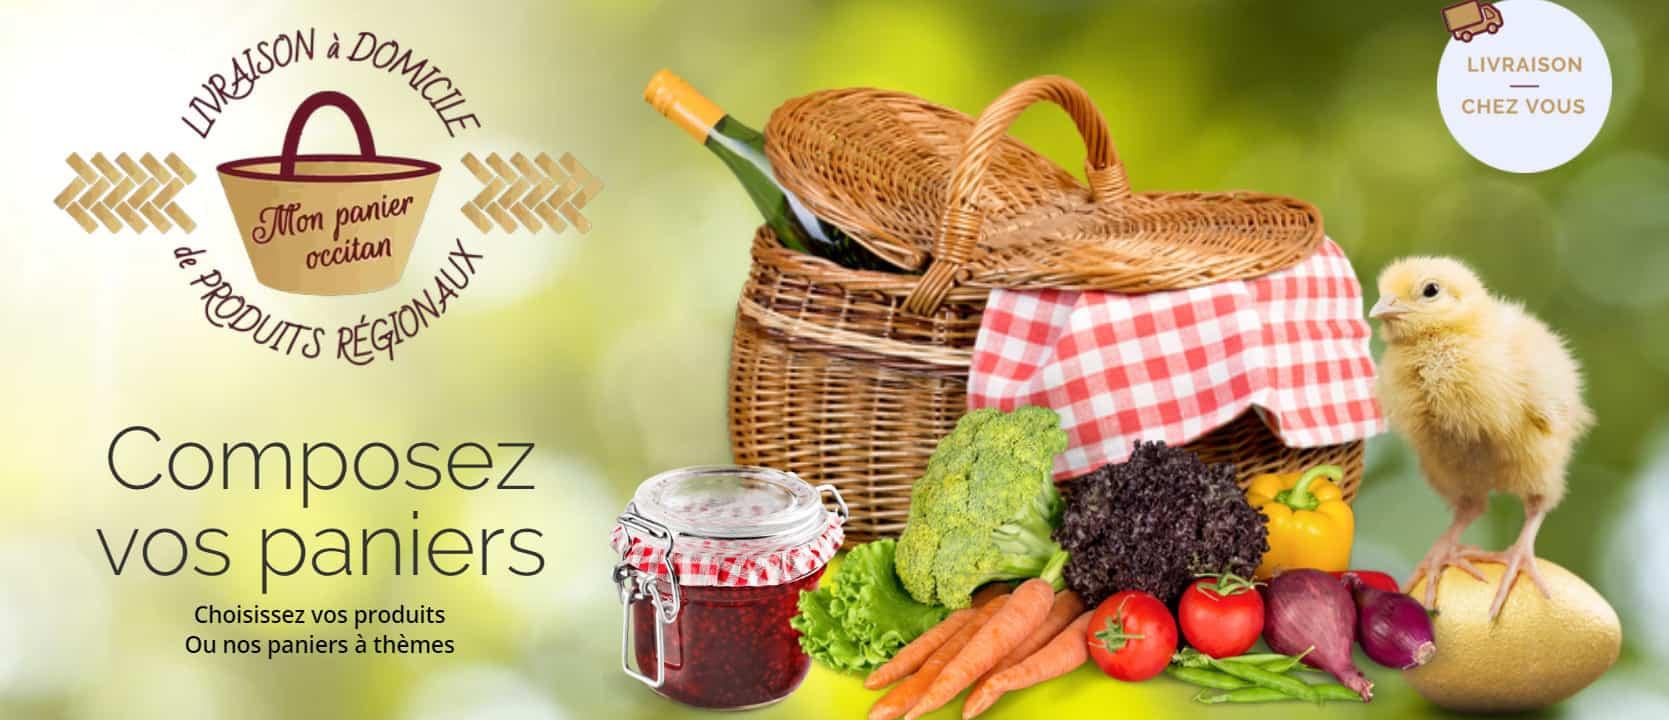 Mon Panier Occitan - Livraison de produits régionaux à domicile